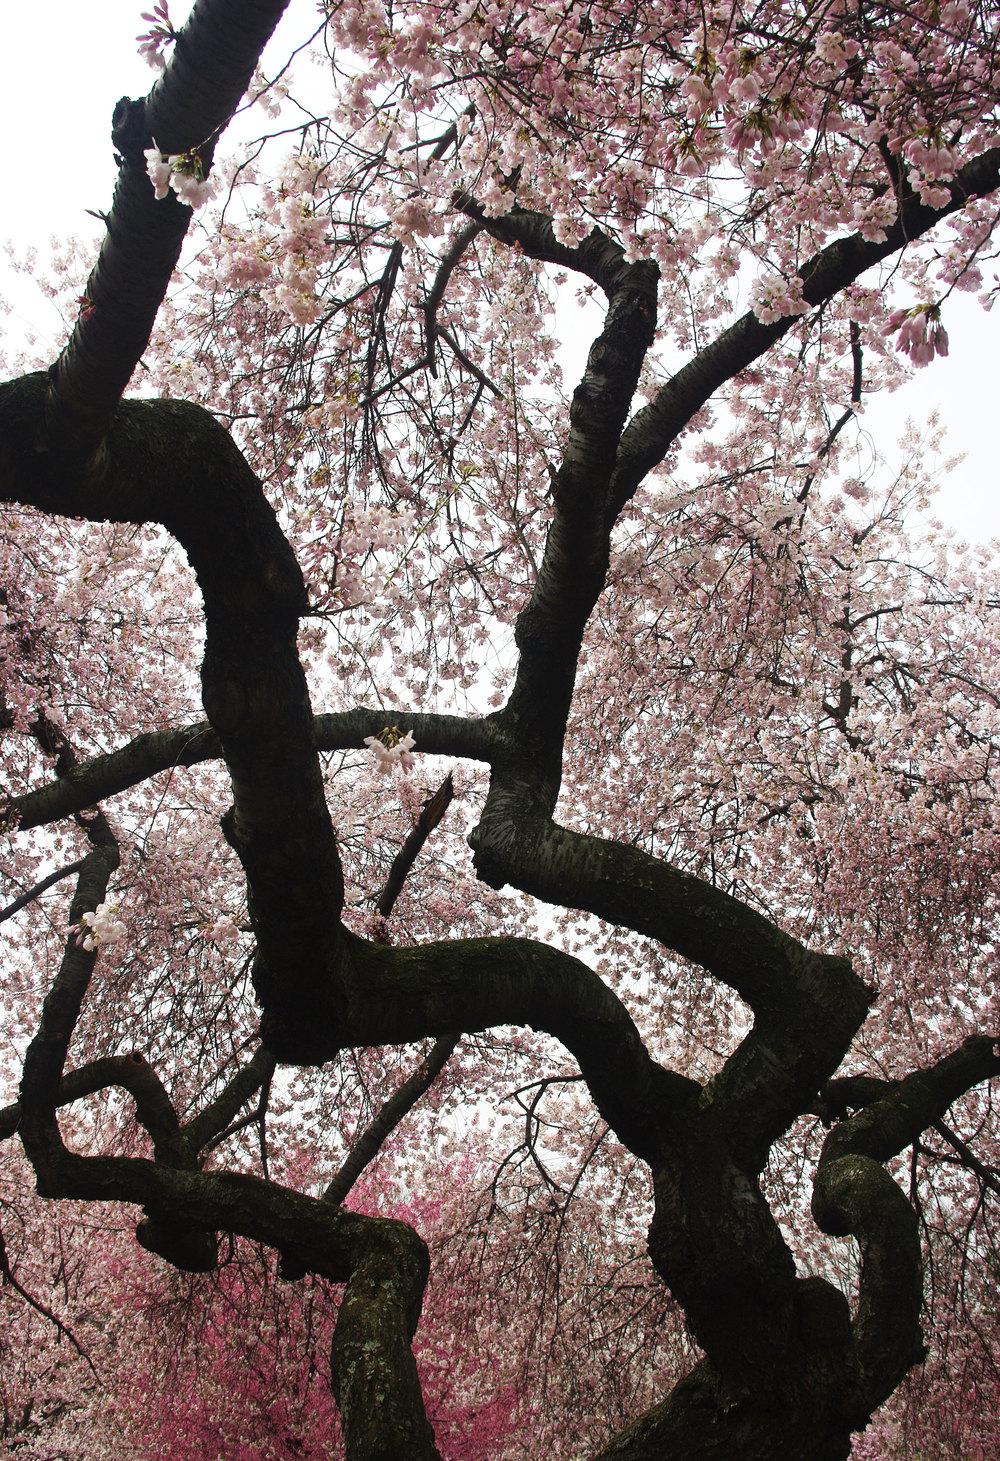 cherryblossom_trunks_lmh.jpg